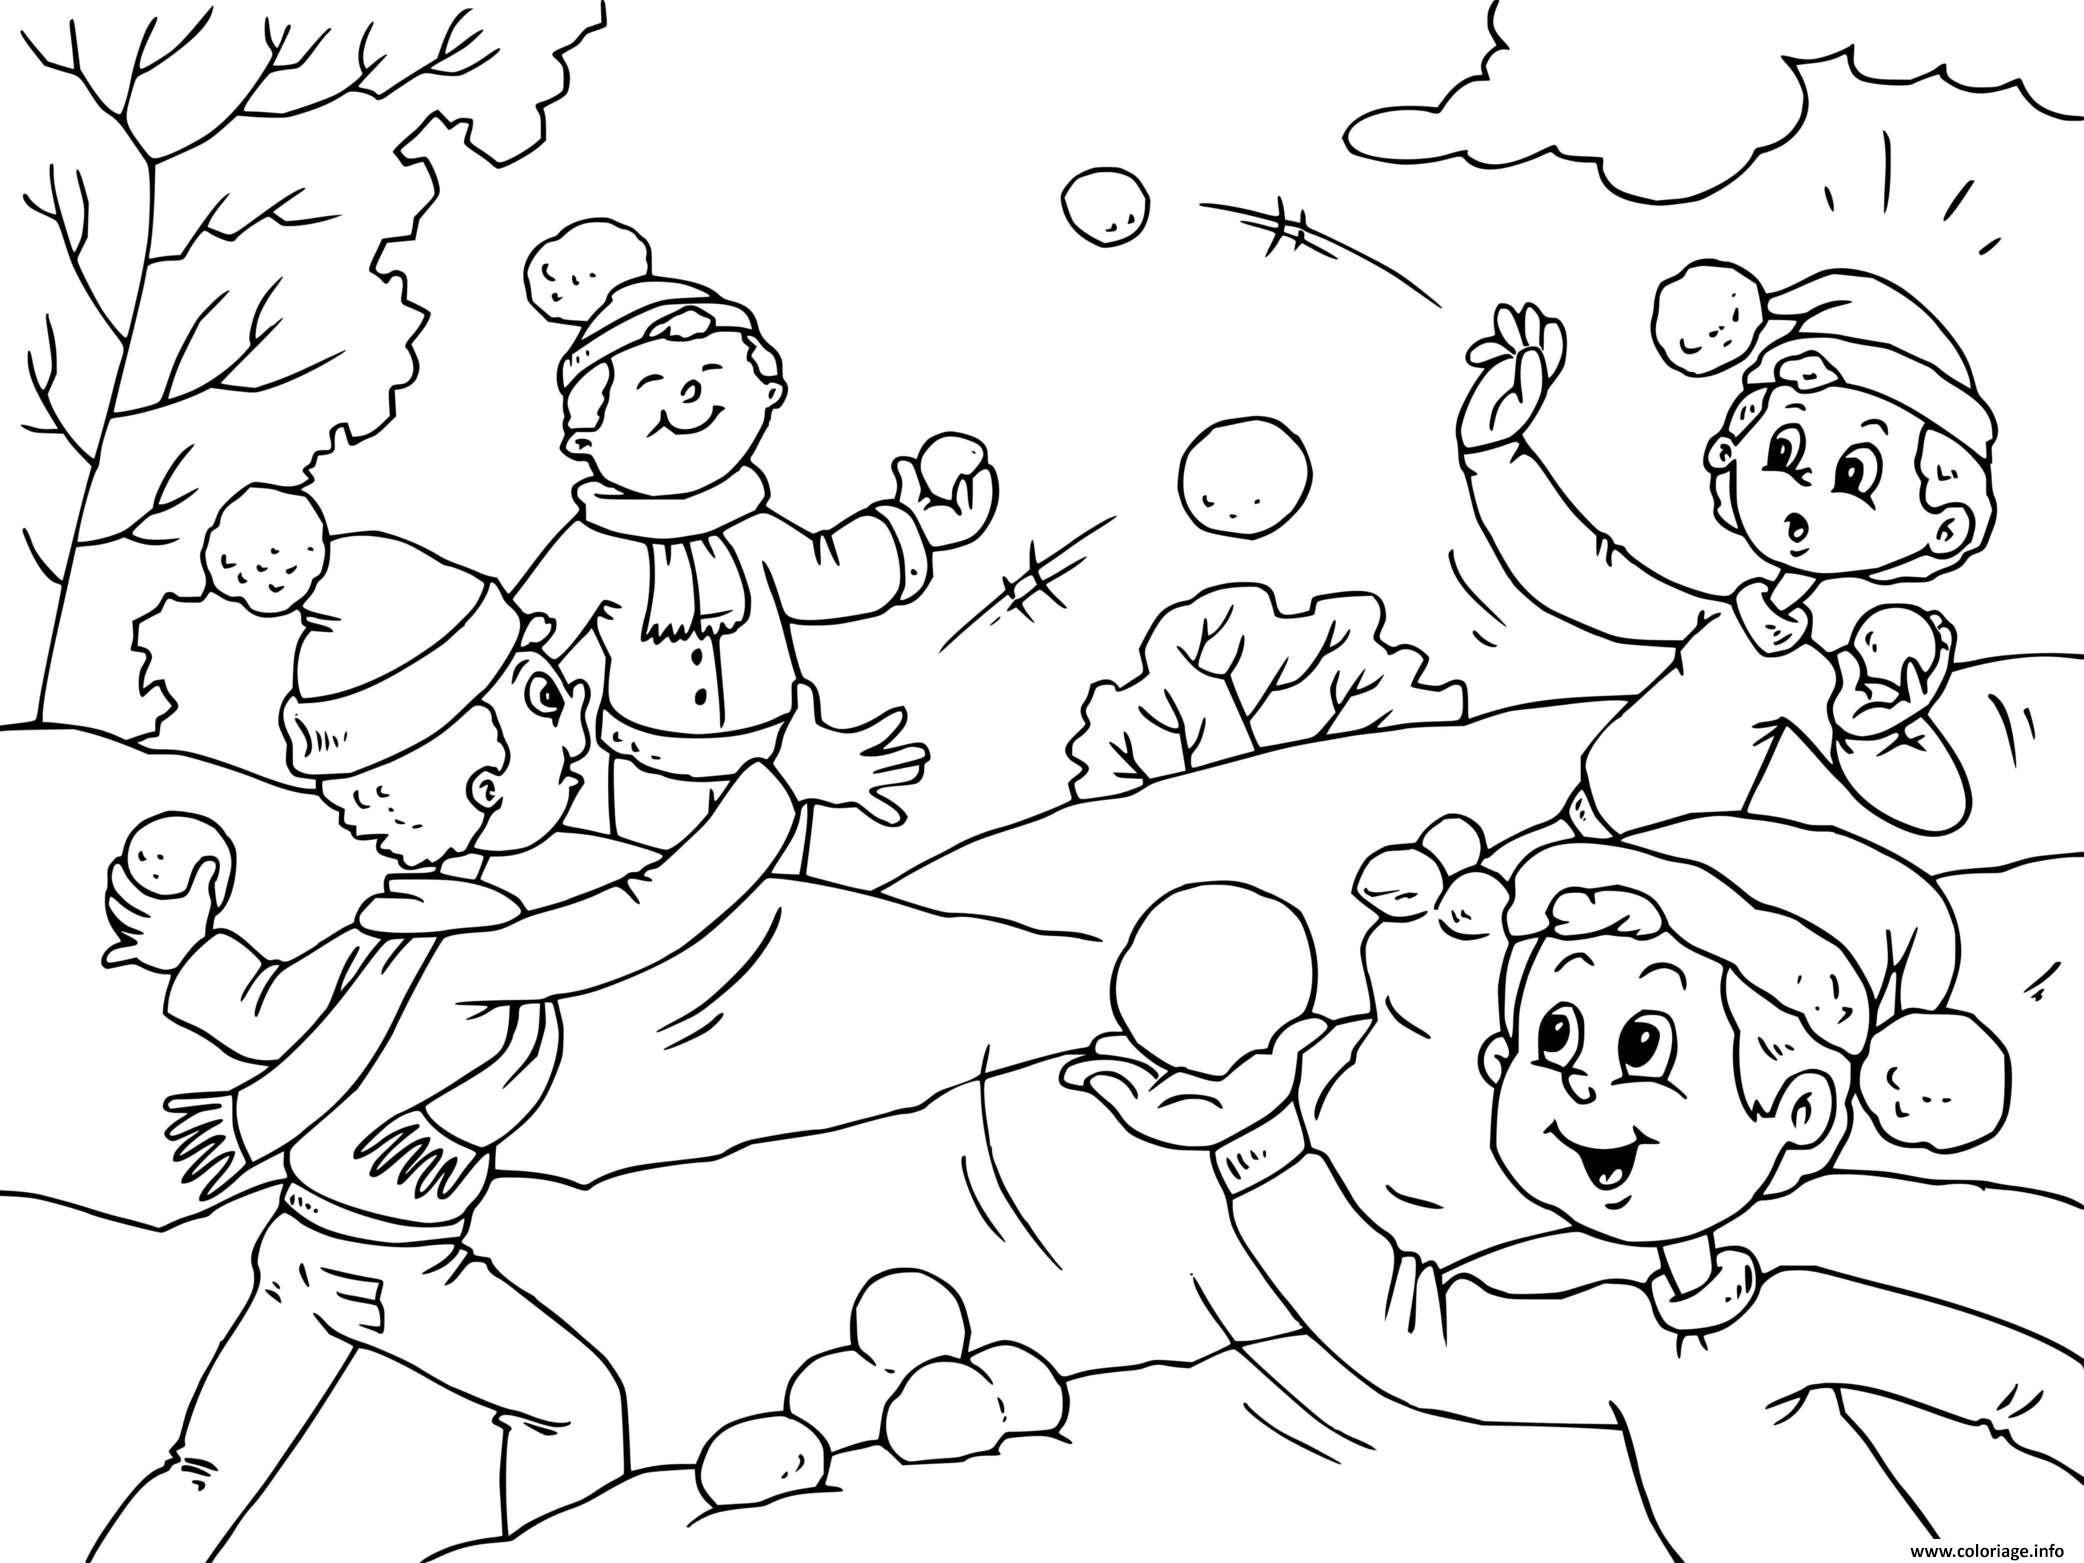 Dessin les enfants jouent a la bataille de neige en hiver Coloriage Gratuit à Imprimer